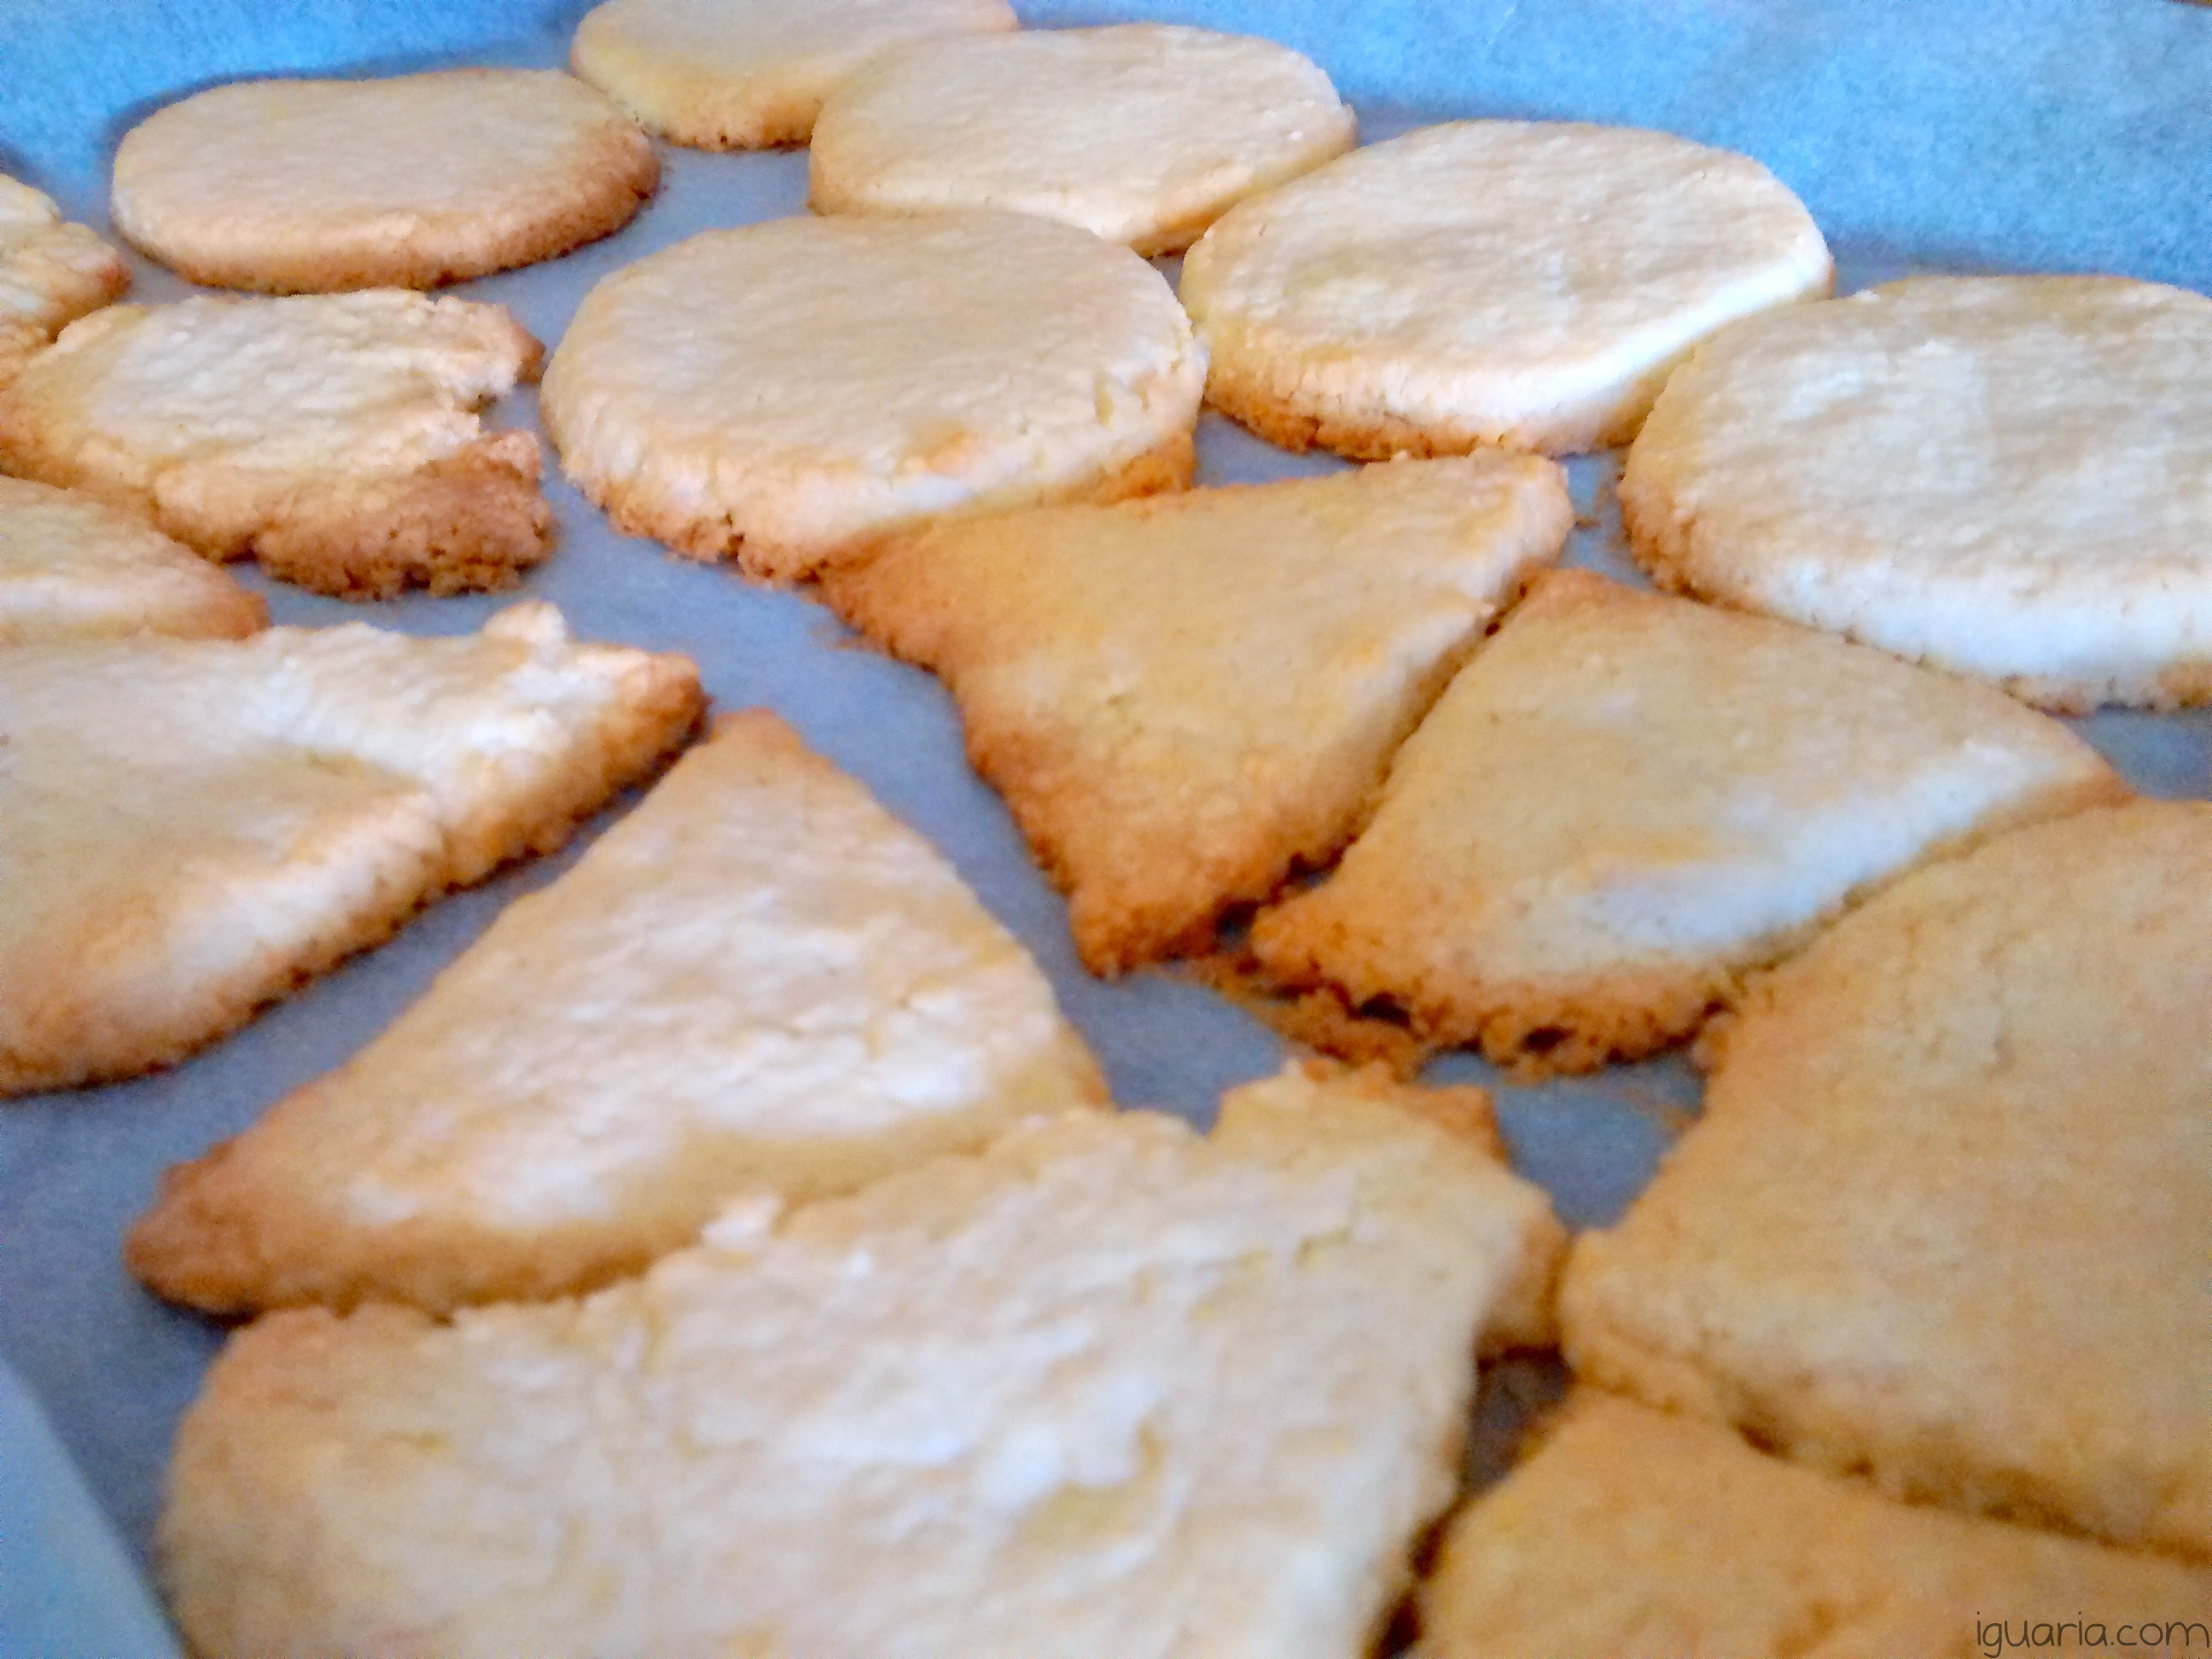 iguaria-cookies-assados